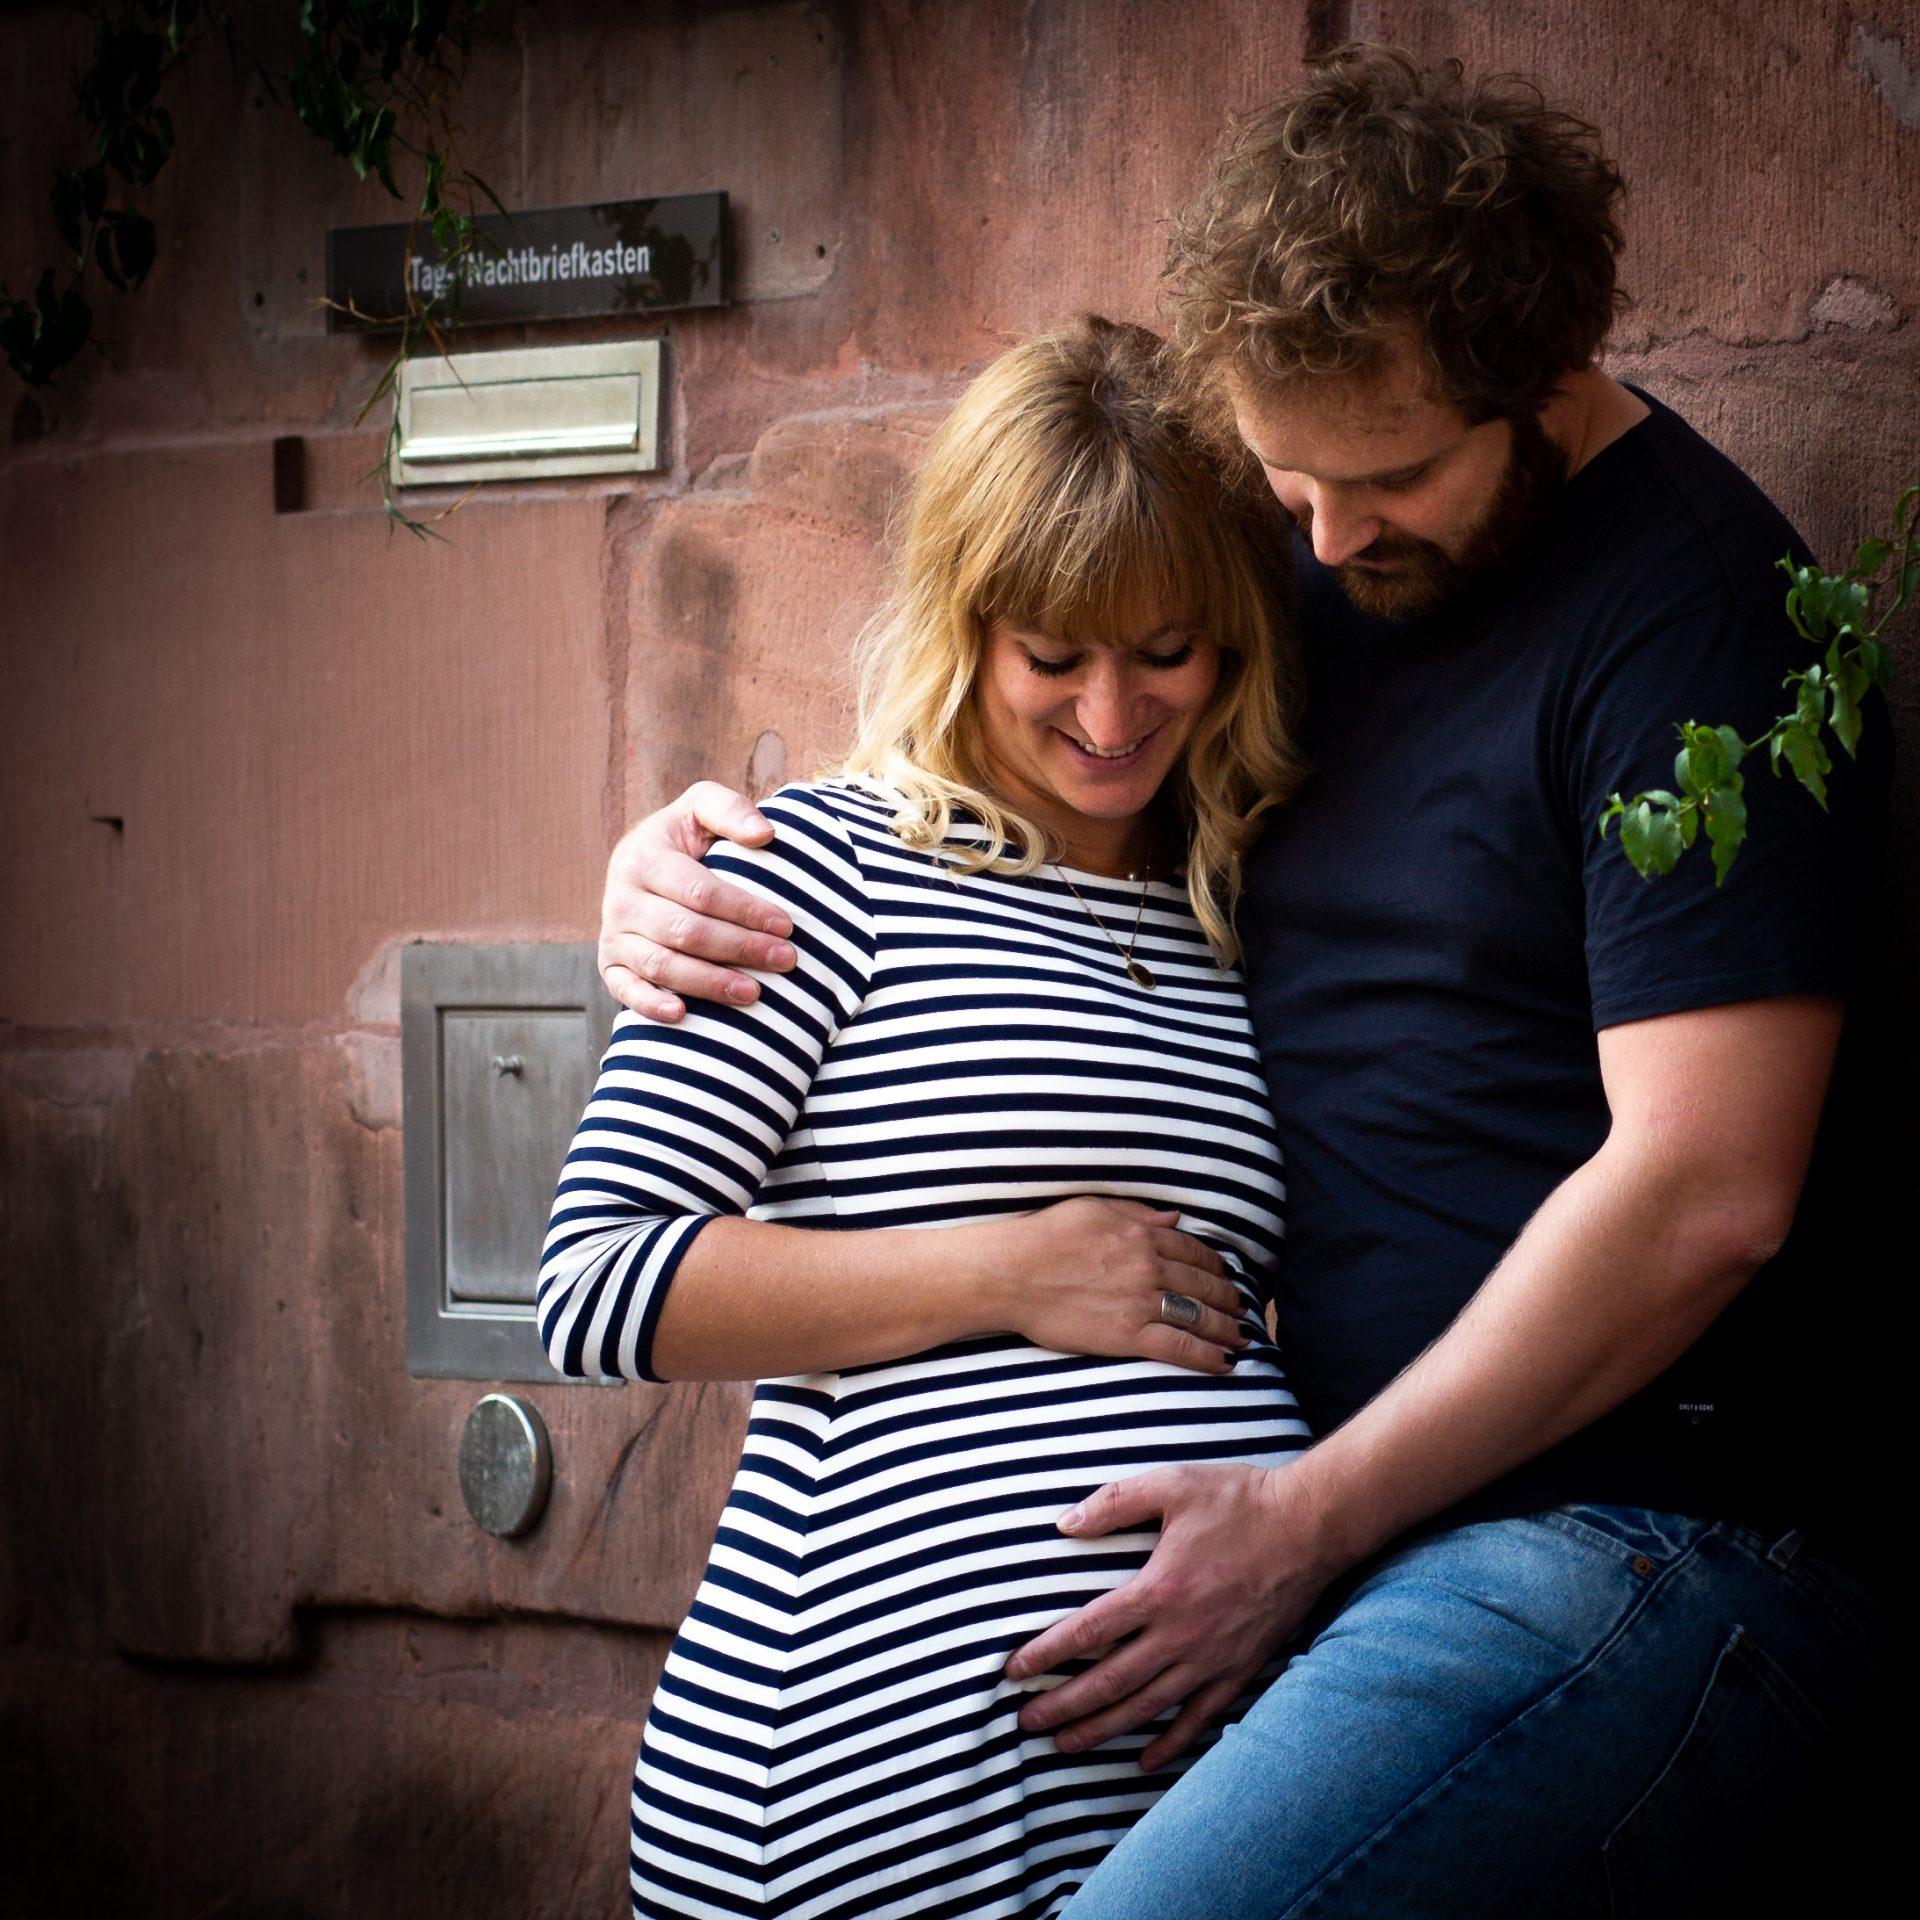 Zeit zu zweit, Zeit zu dritt - Paar mit Babybauch - Fotografin Anja Schnell